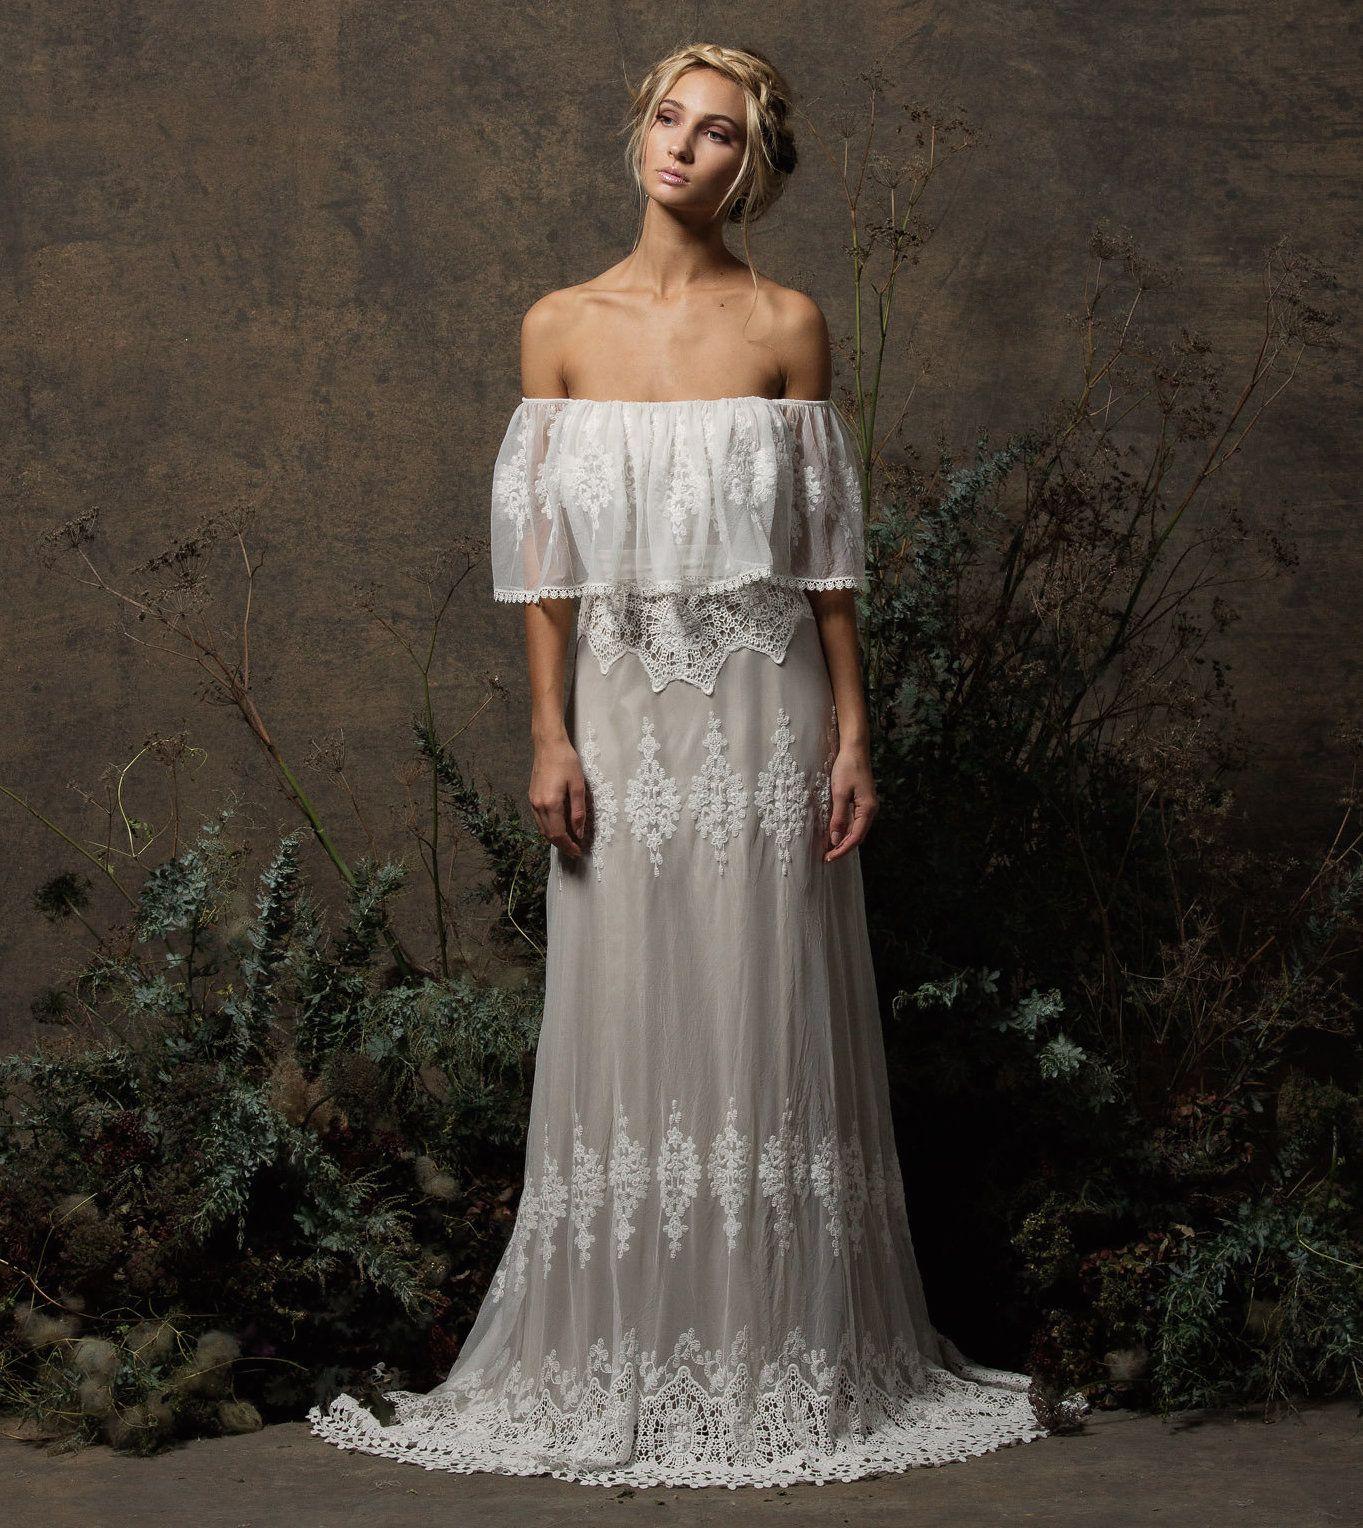 Juniper offshoulder lace dress bohemian lace wedding dress lace